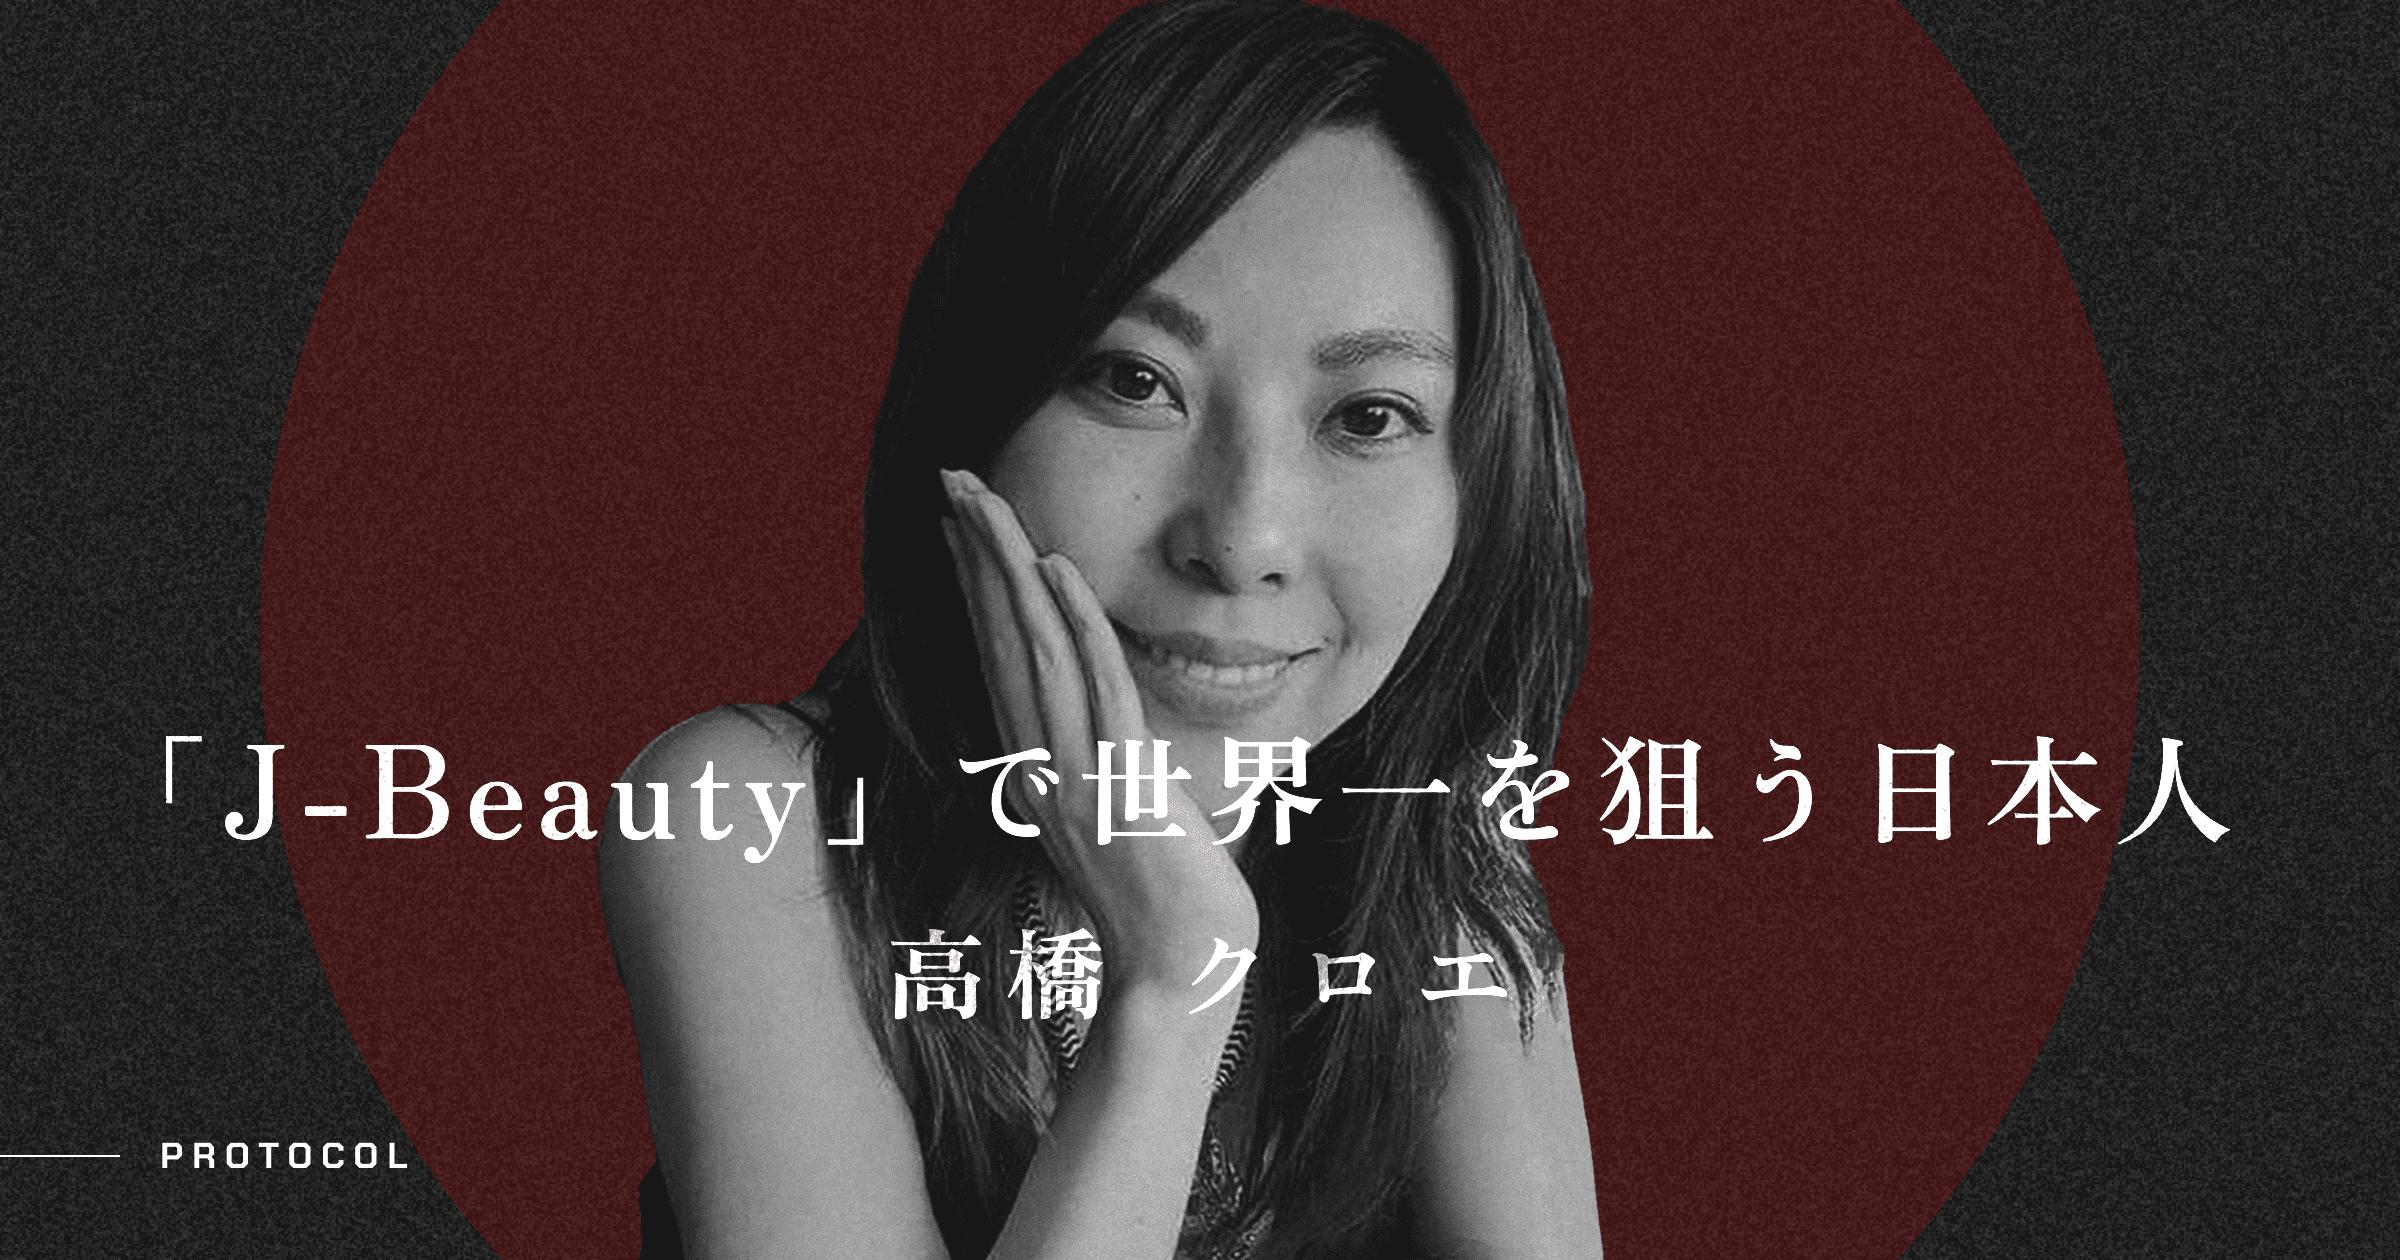 【高橋クロエ】「J-Beauty」で世界一を目指す日本人起業家